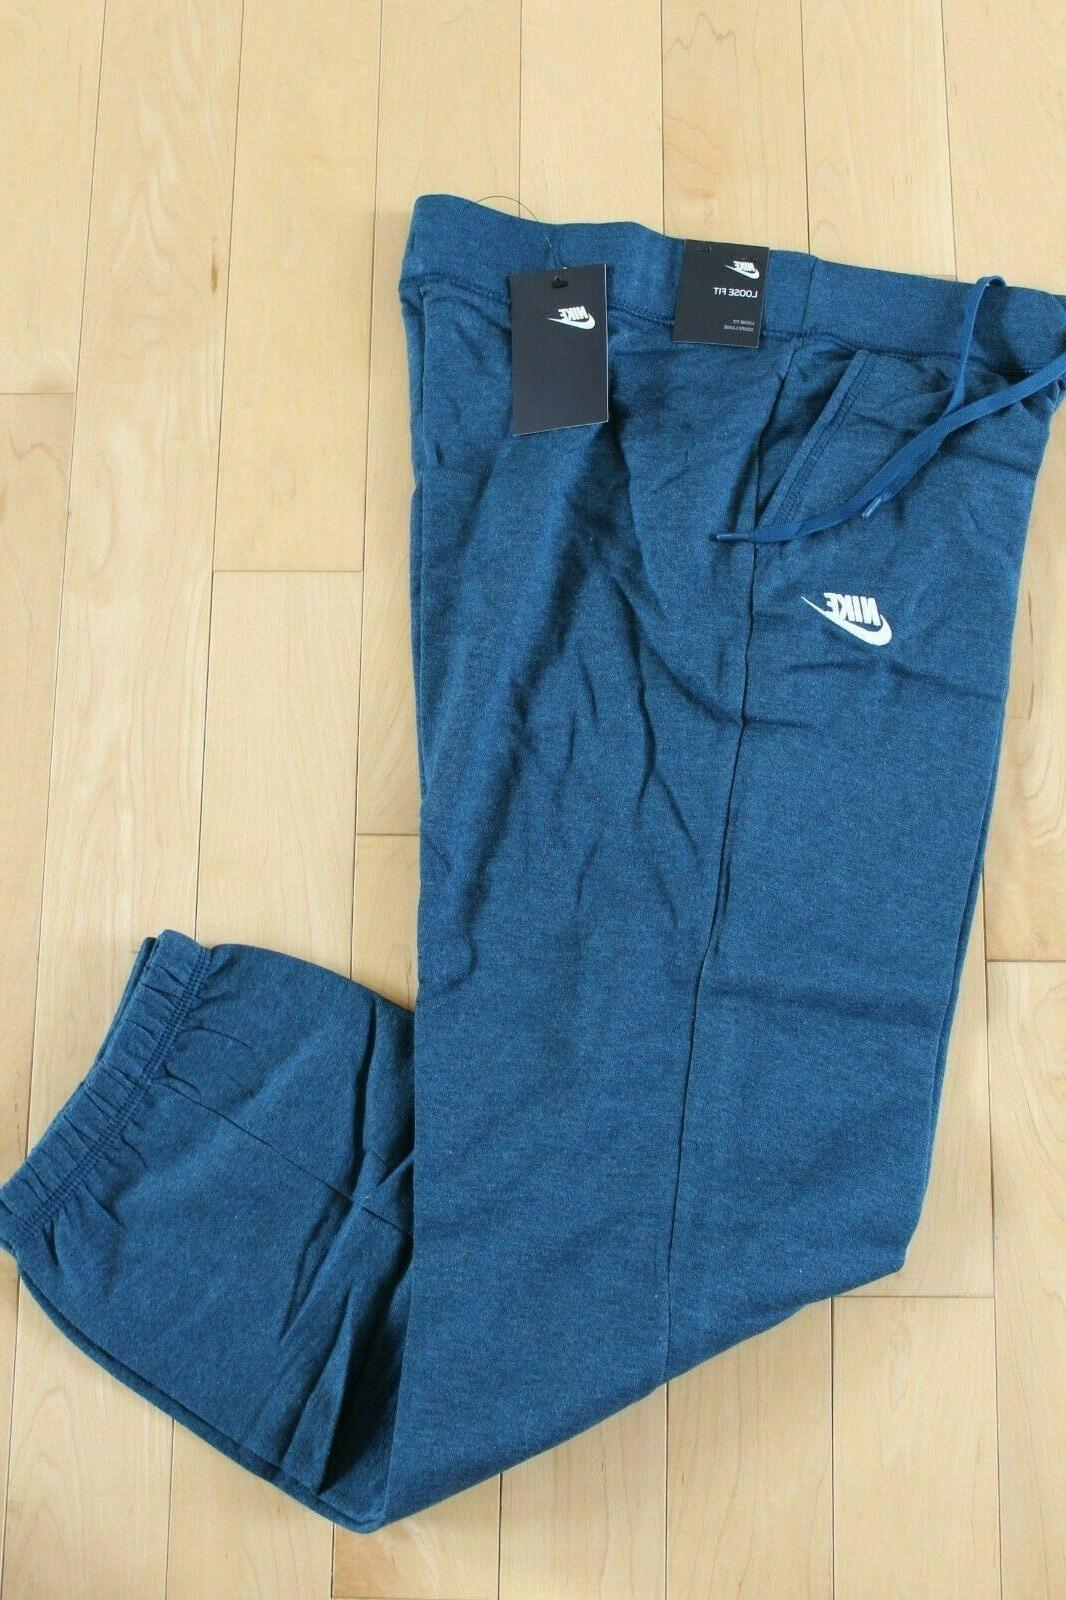 NWT Fleece Sportswear Loose Fit Sweatpants S XXL